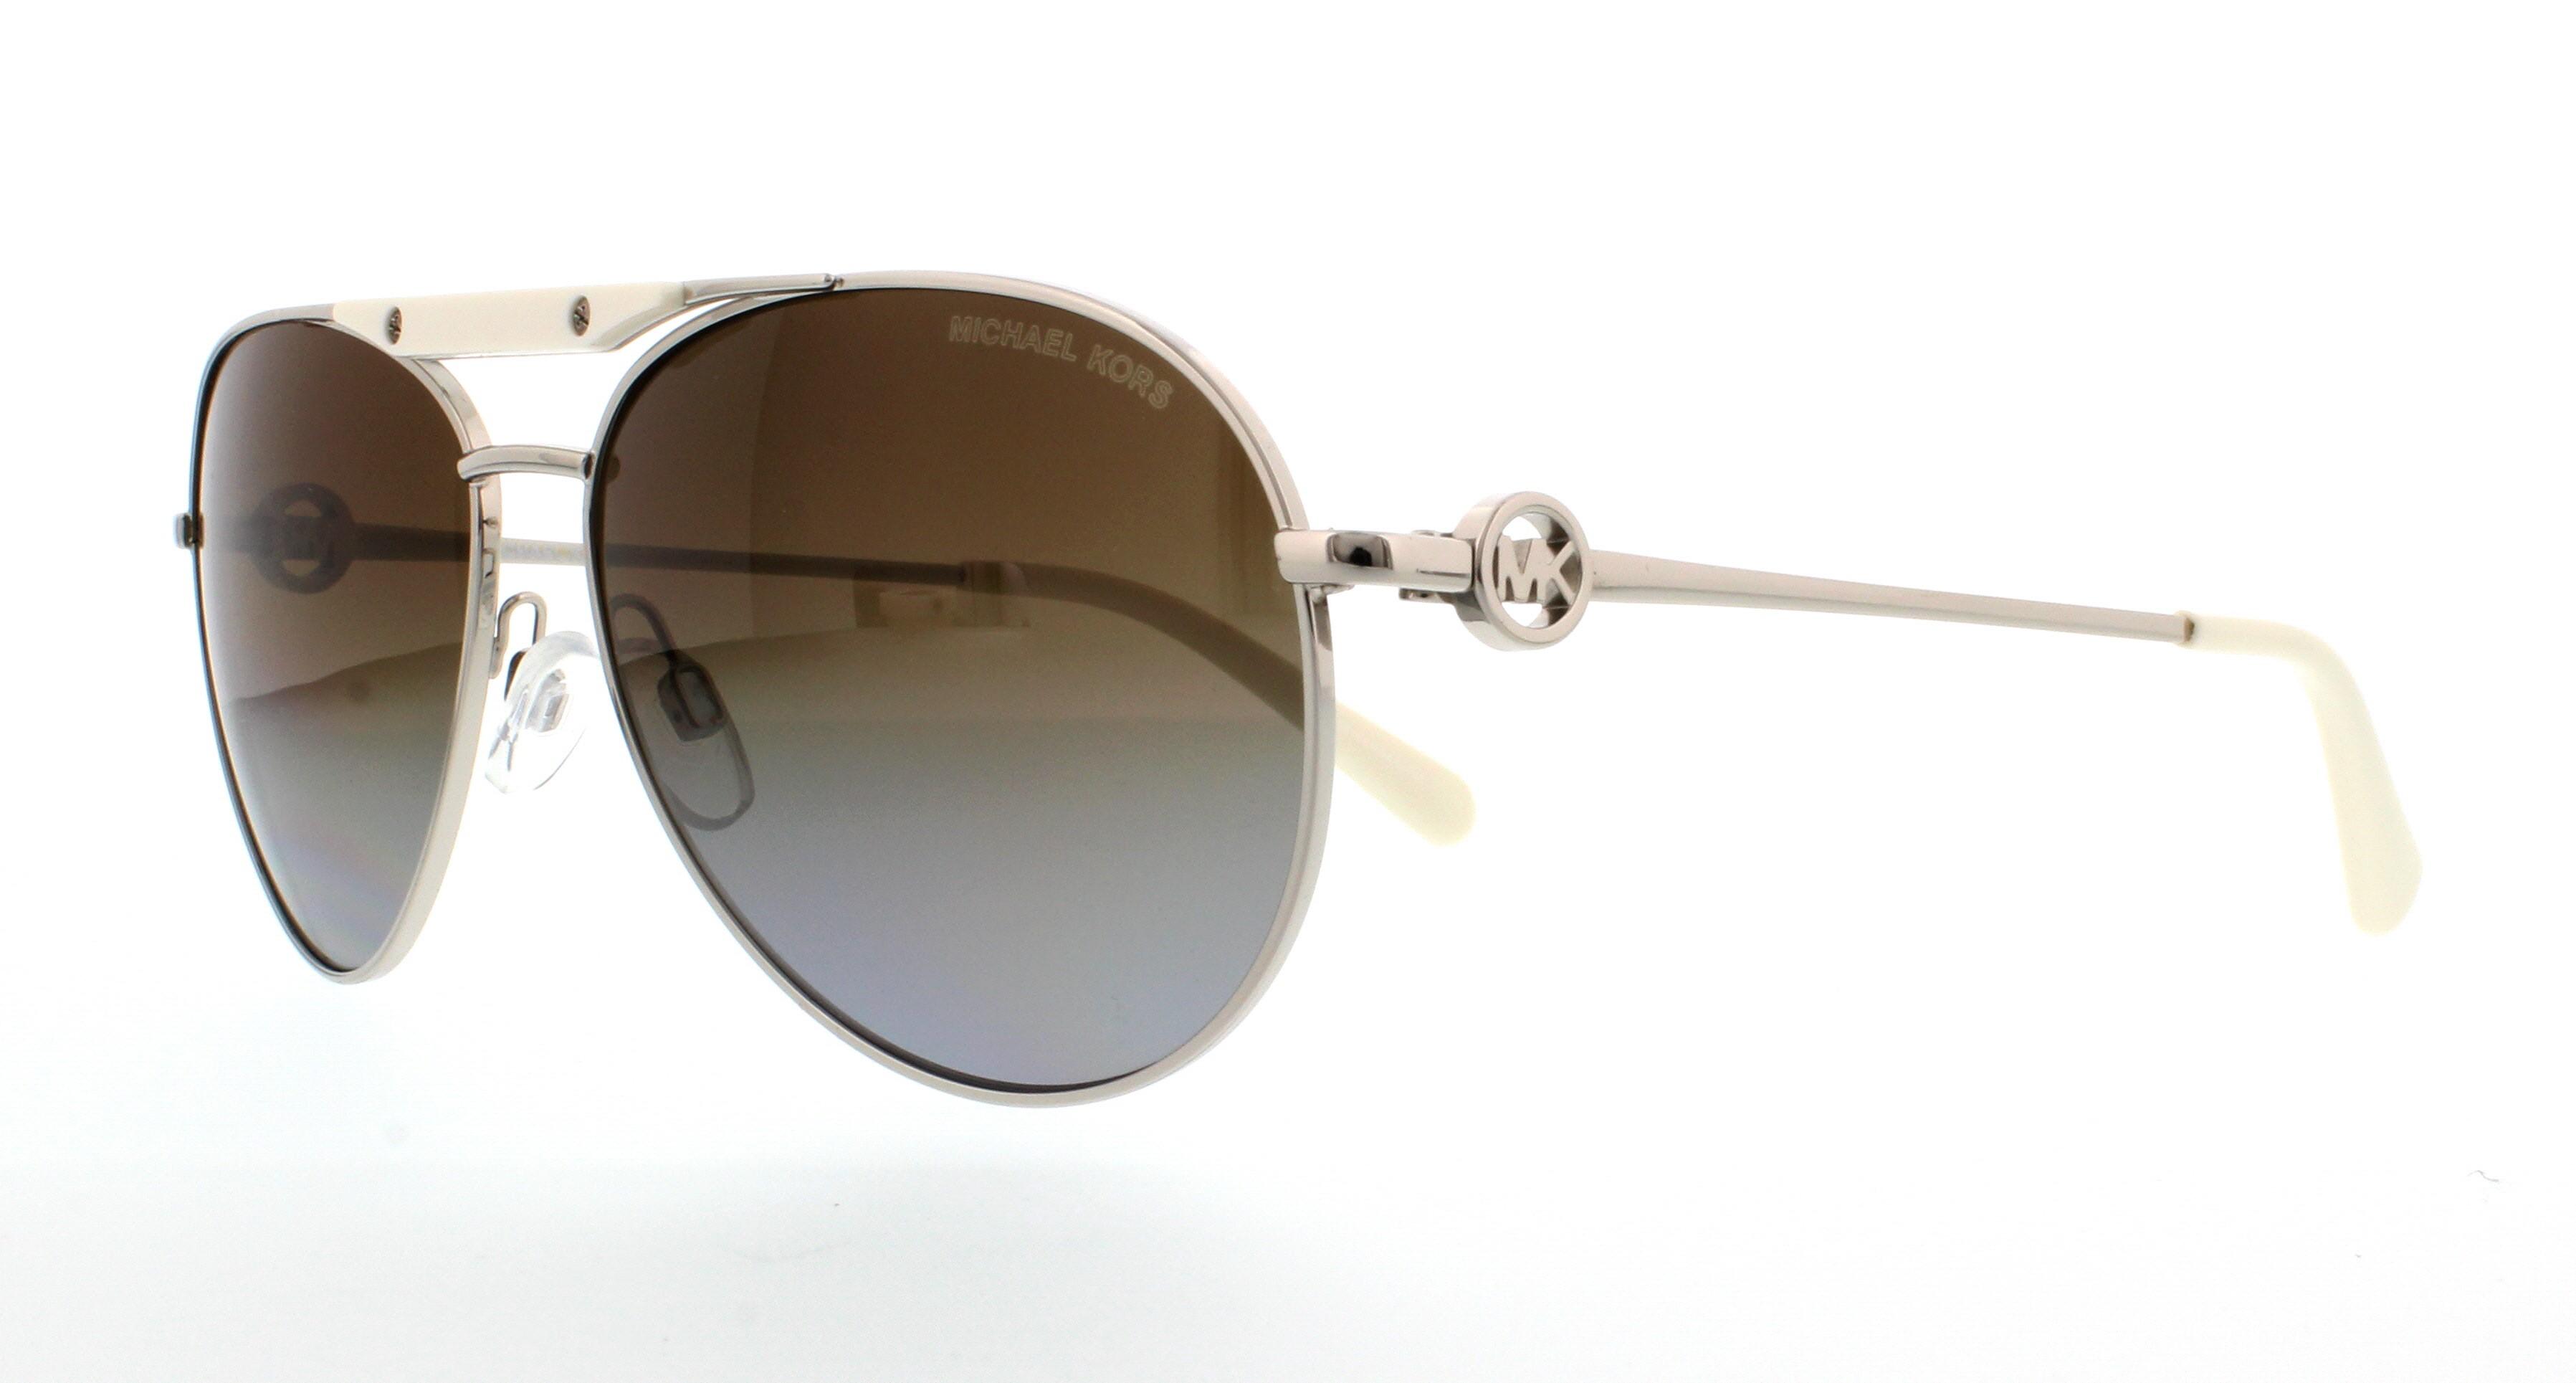 ae8c9d657e1b7 Designer Frames Outlet. Michael Kors MK5001 Zanzibar